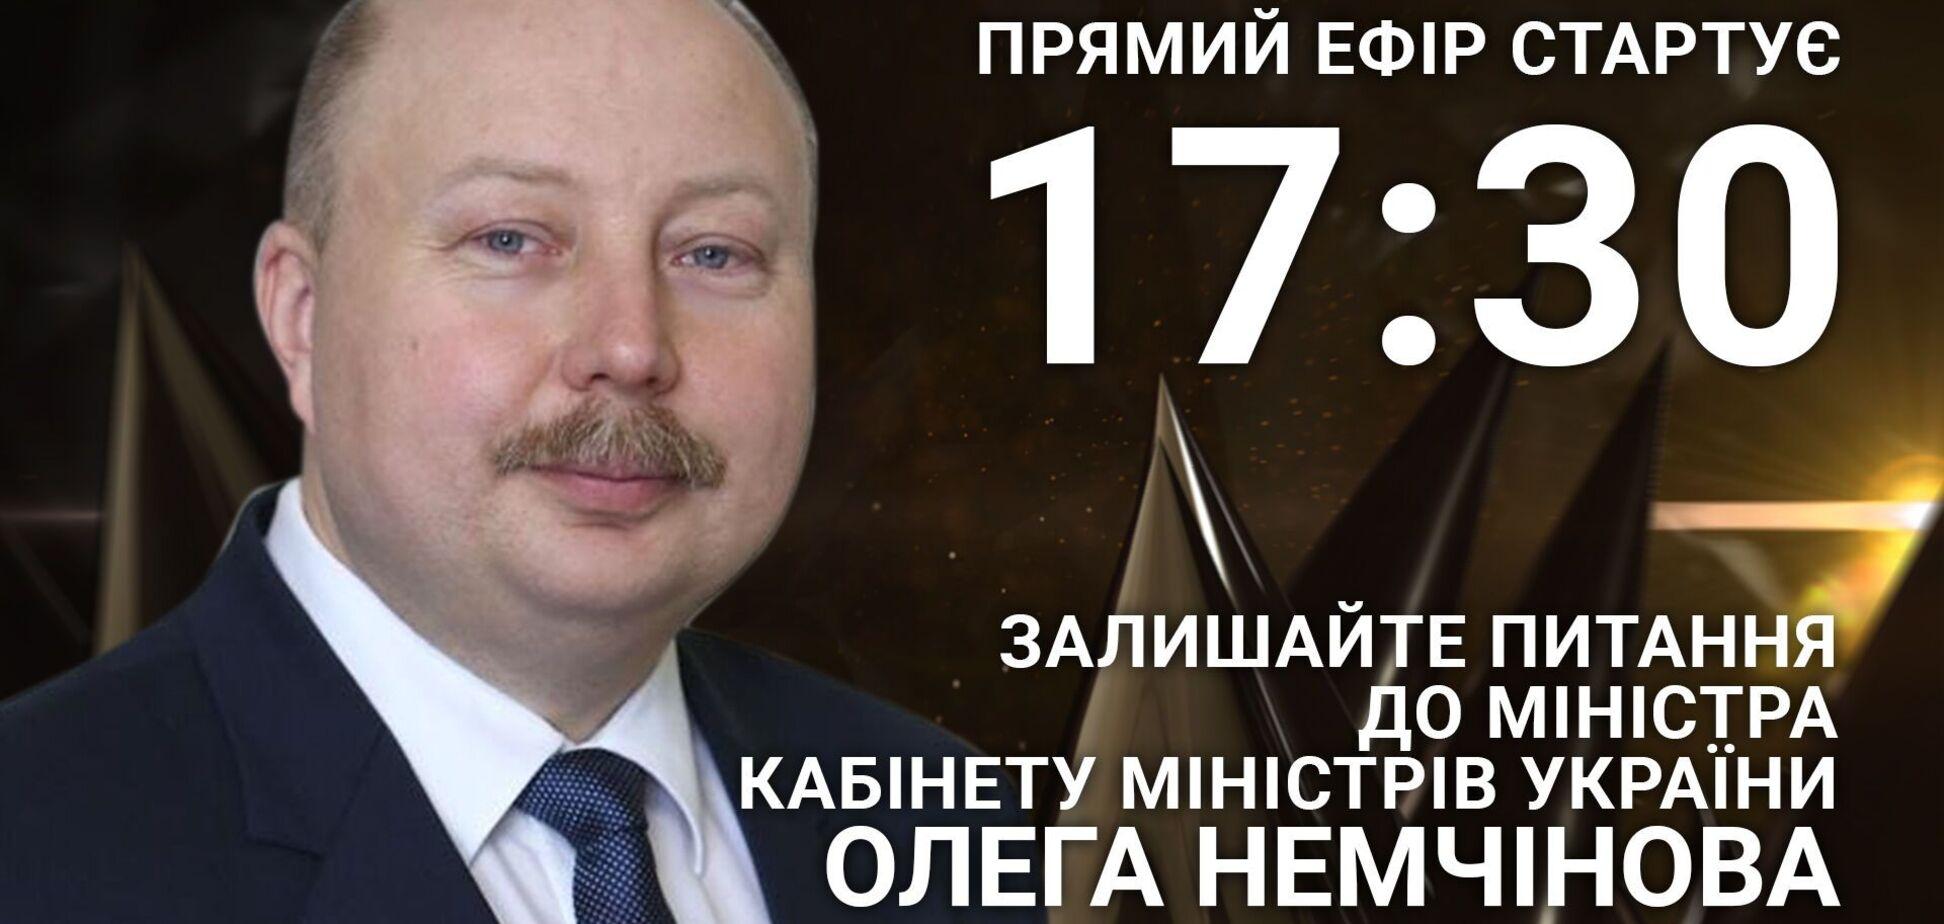 Олег Немчінов на OBOZREVATEL: поставте міністру КМУ гостре запитання